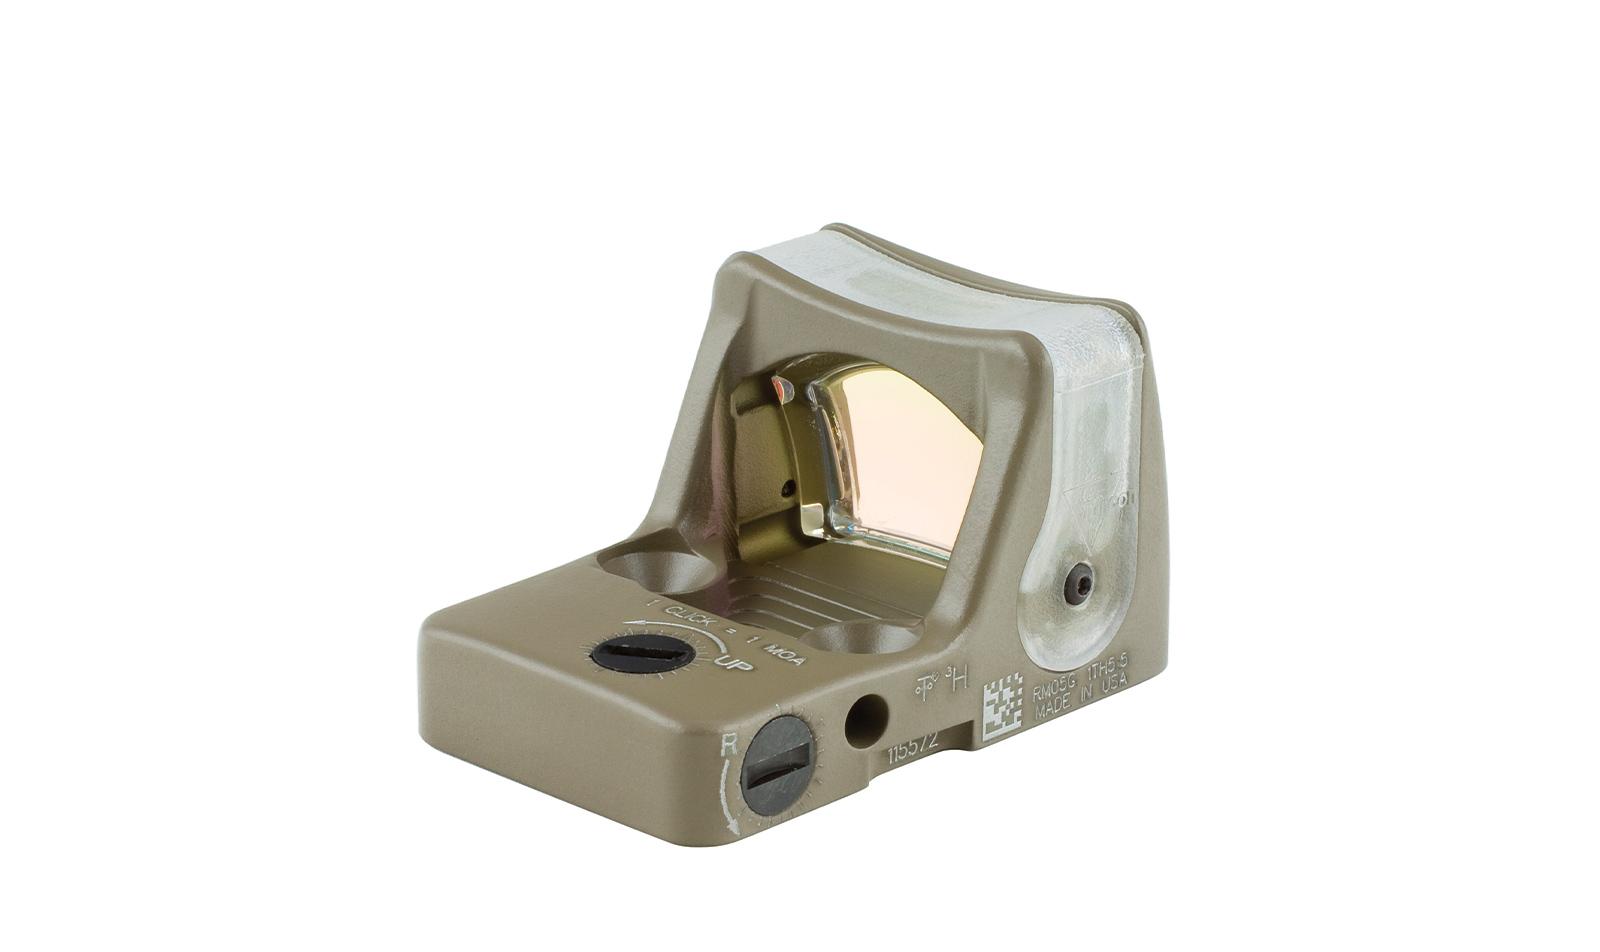 RM05-C-700210 angle 5